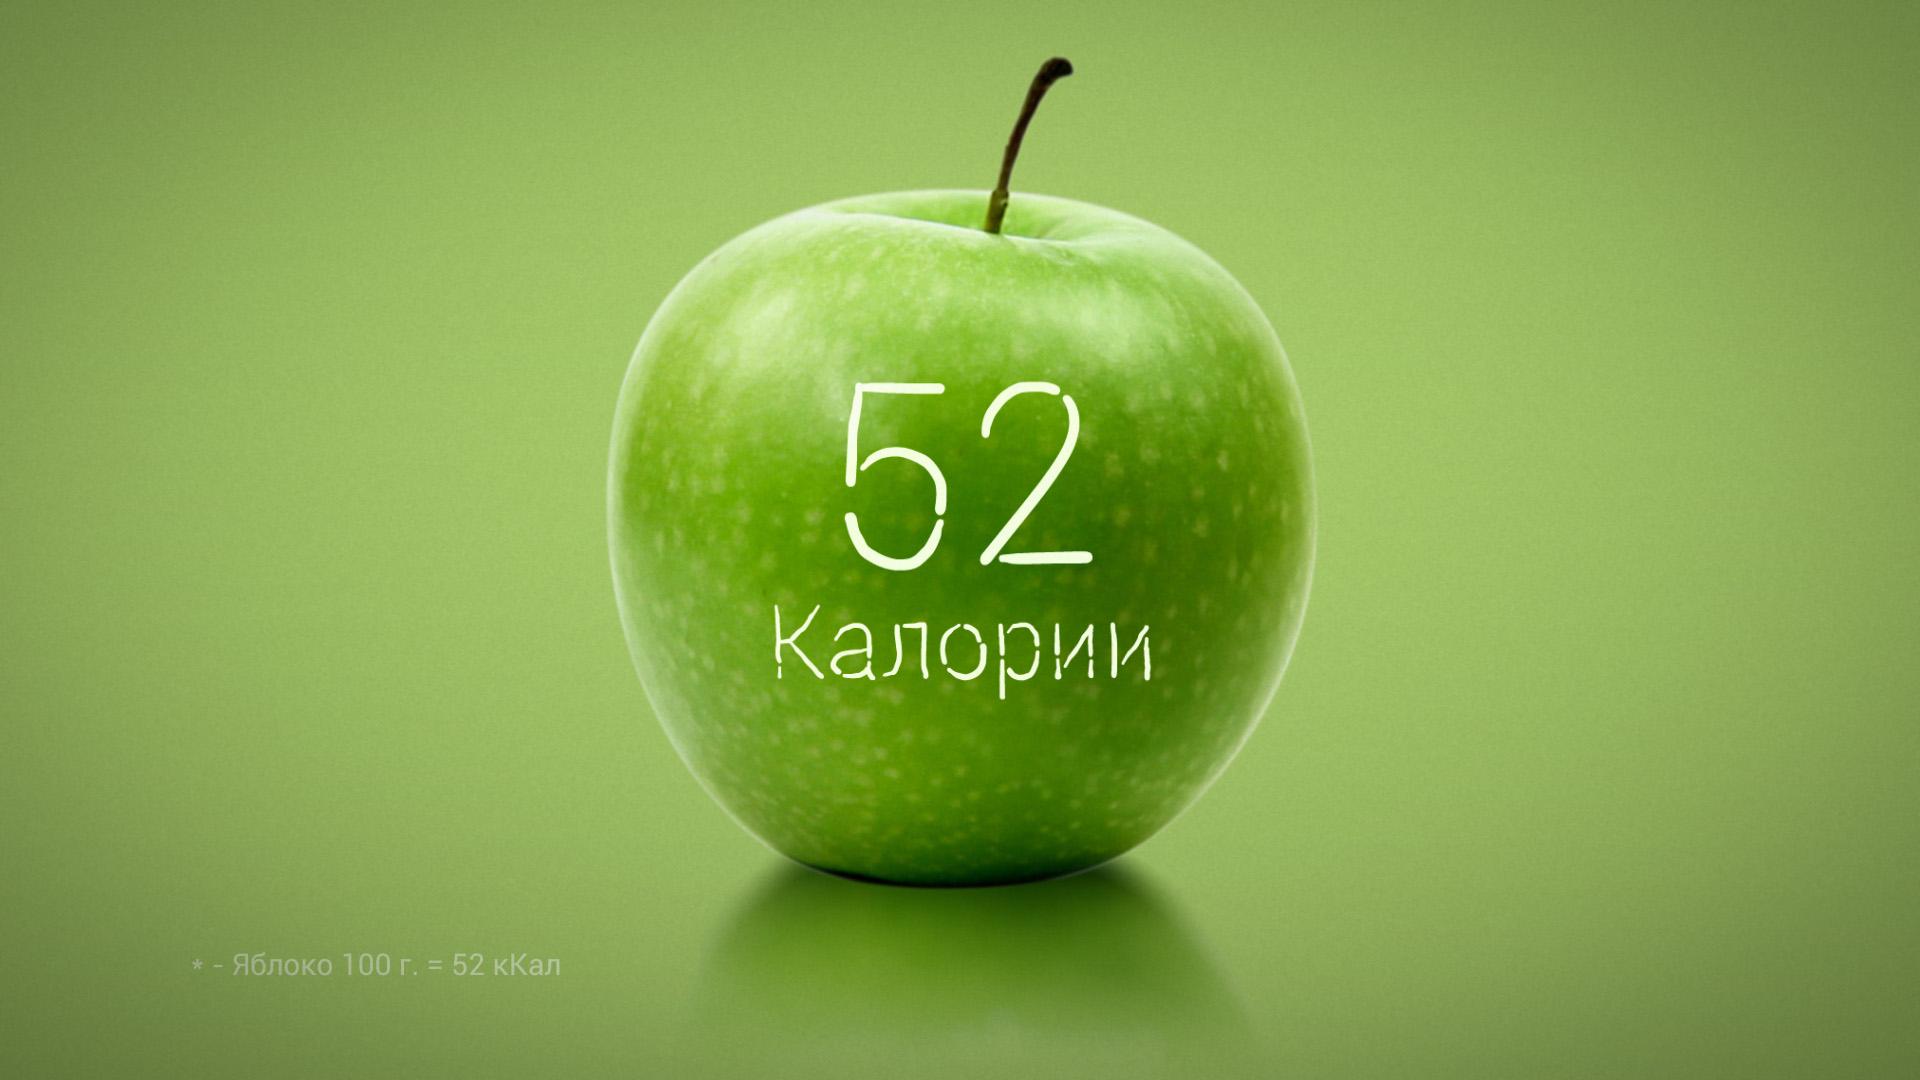 Сколько калорий в зеленом и красном яблоке?